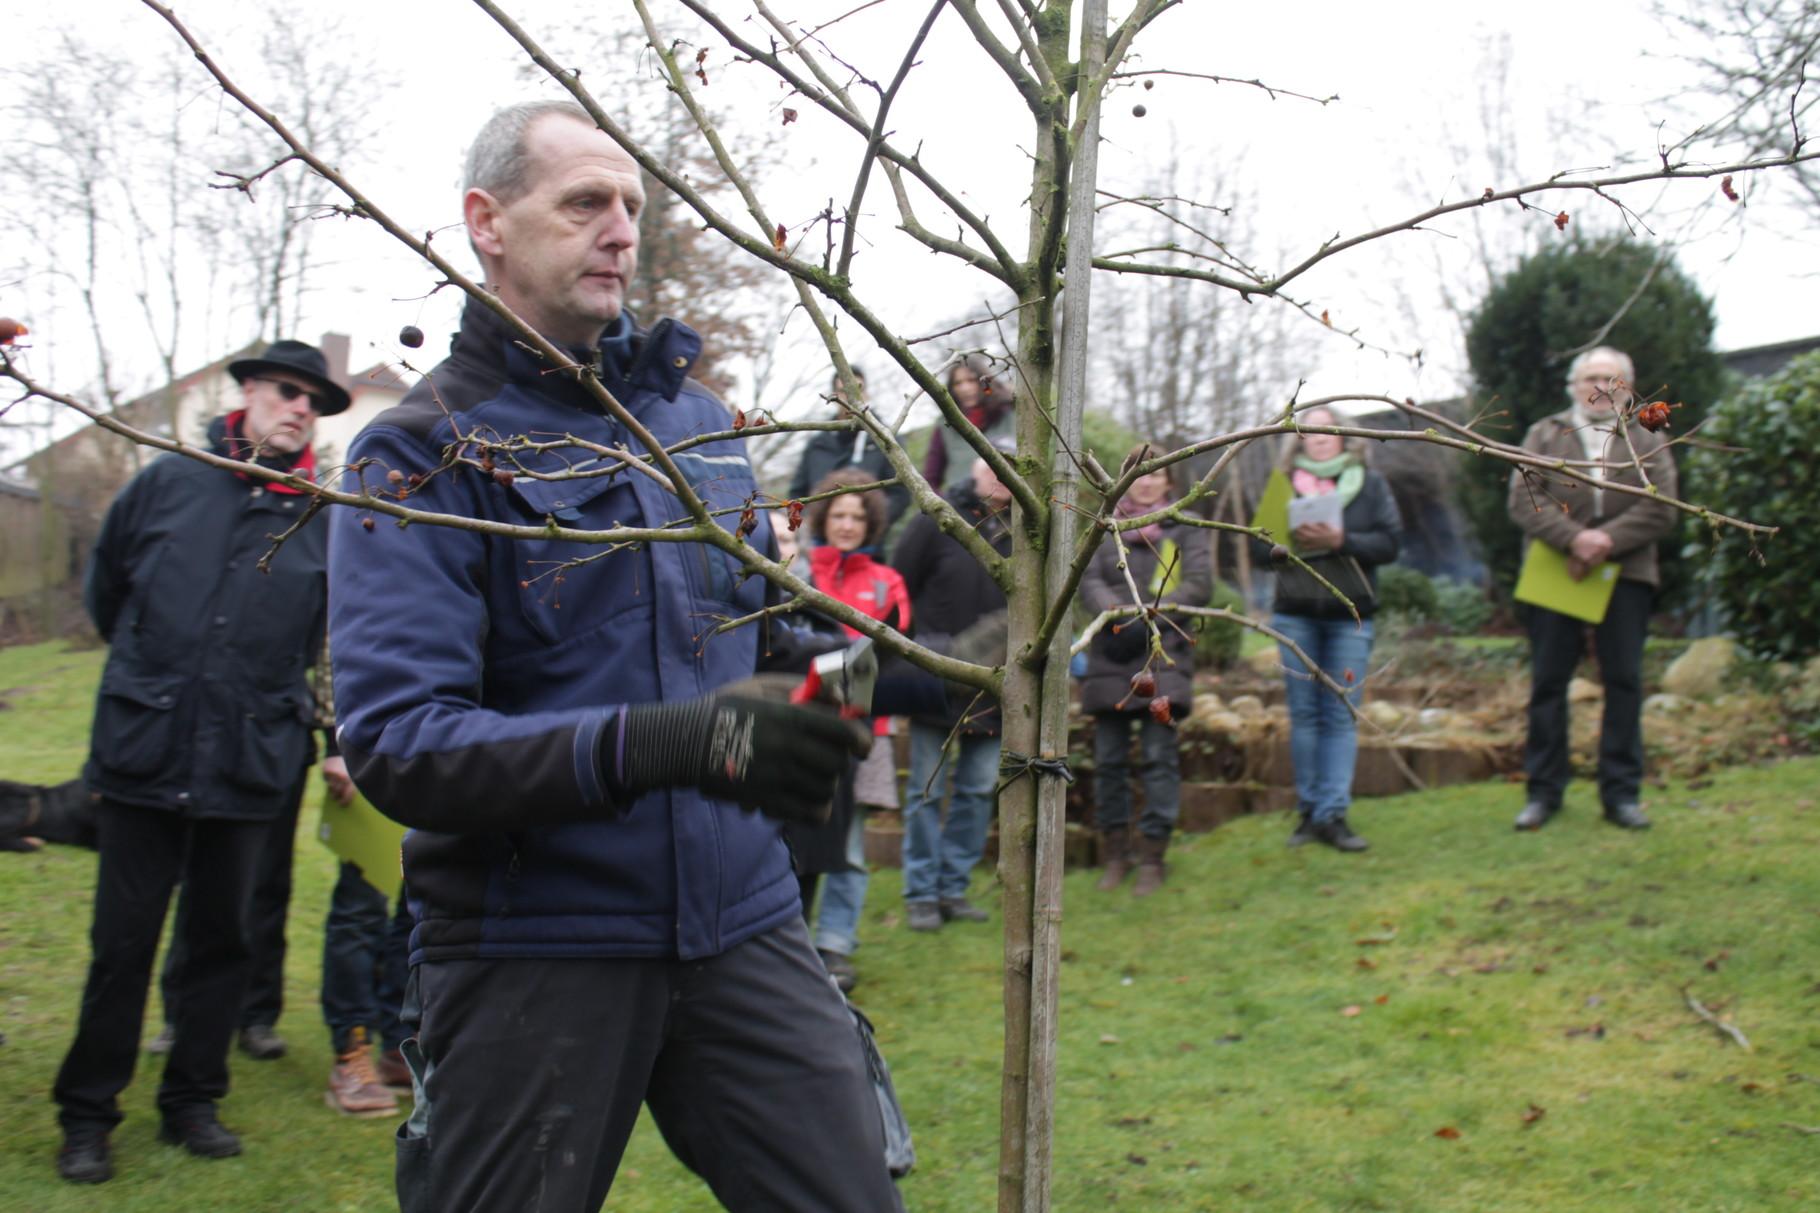 Auch ein junger Zierapfelbaum sollte bereits mit regelmäßigen Schnitten gepflegt werden. Kleine Schnittflächen um eine saubere Wundheilung zu fördern